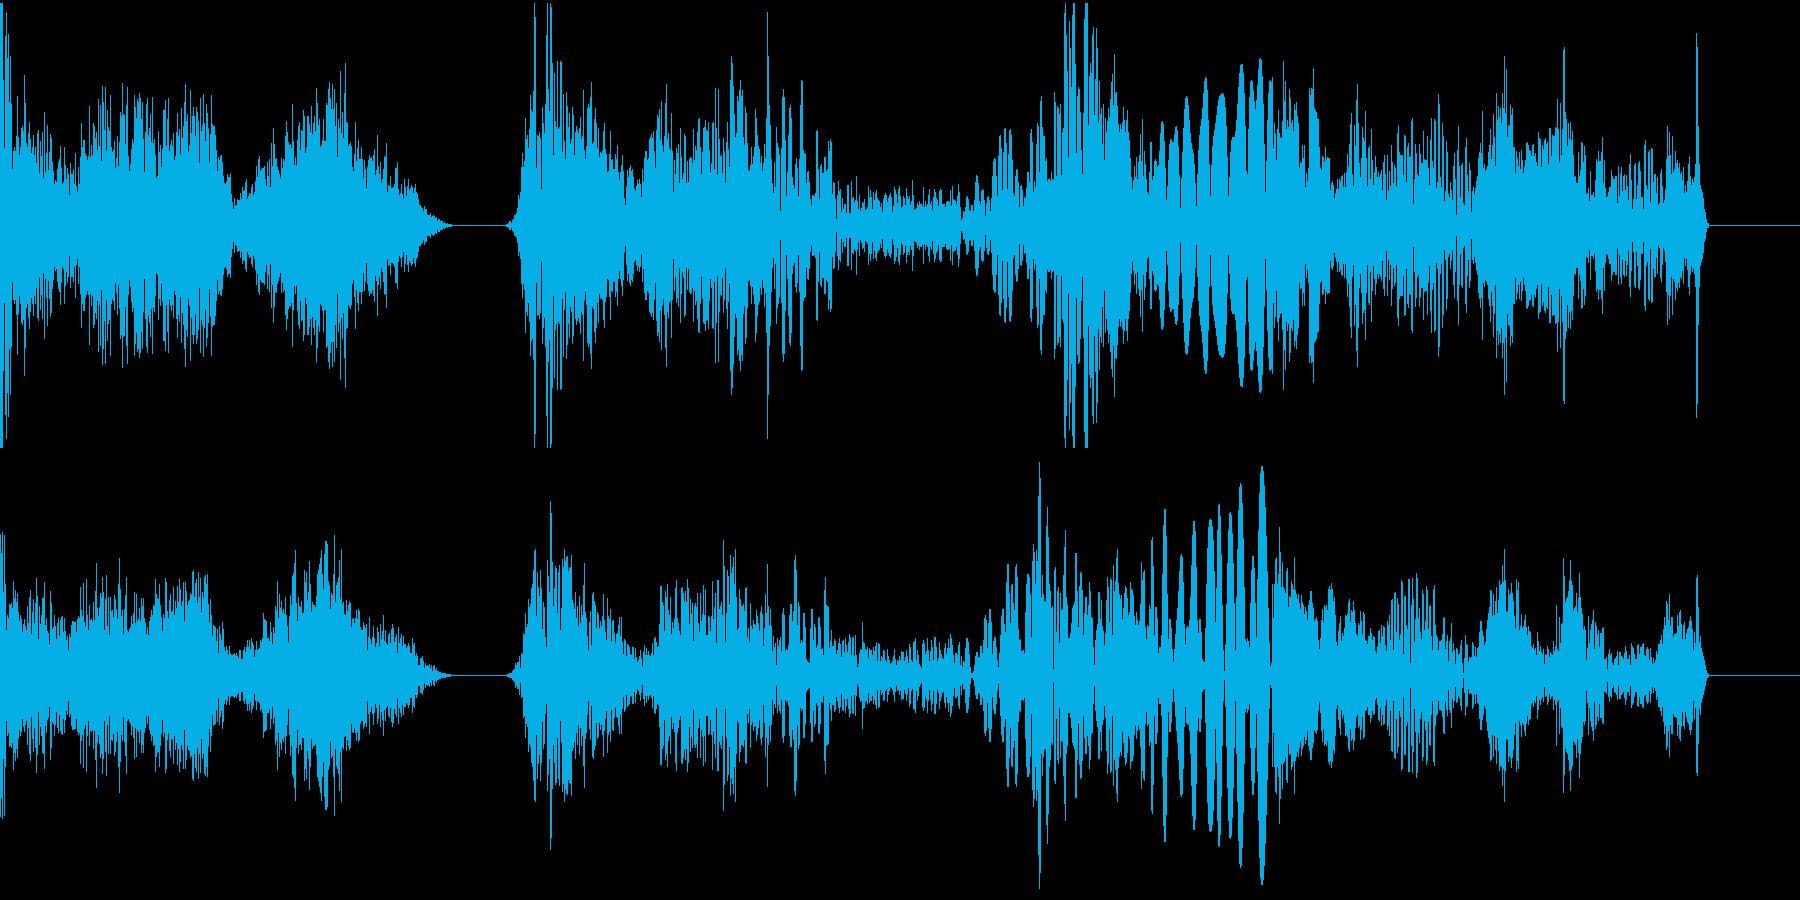 TVFX POPなザッピング音 5の再生済みの波形